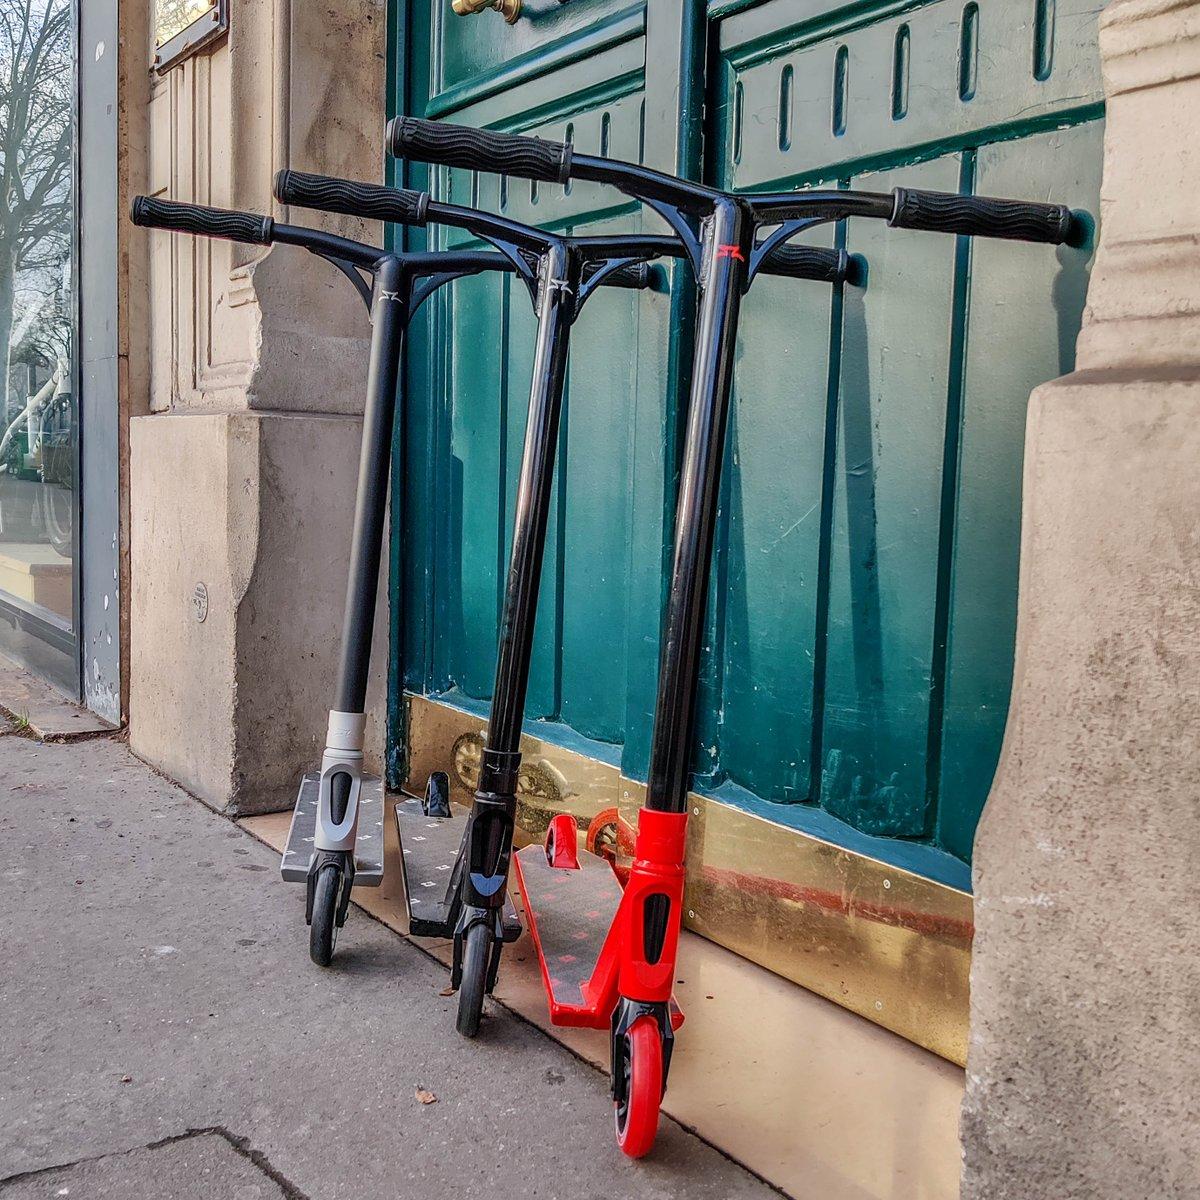 😁 C'EST LES SOLDES ‼️ ➡️ Voici l'un des produits soldés les @ao_scooters freestyle BLOC 😉 ⁉️ GRIS, NOIR ou ROUGE⁉️ #freestylescooter #proscooter #extreme #extremesports #amazing #followforfollow #bestoftheday #instafollow #paris #bastille